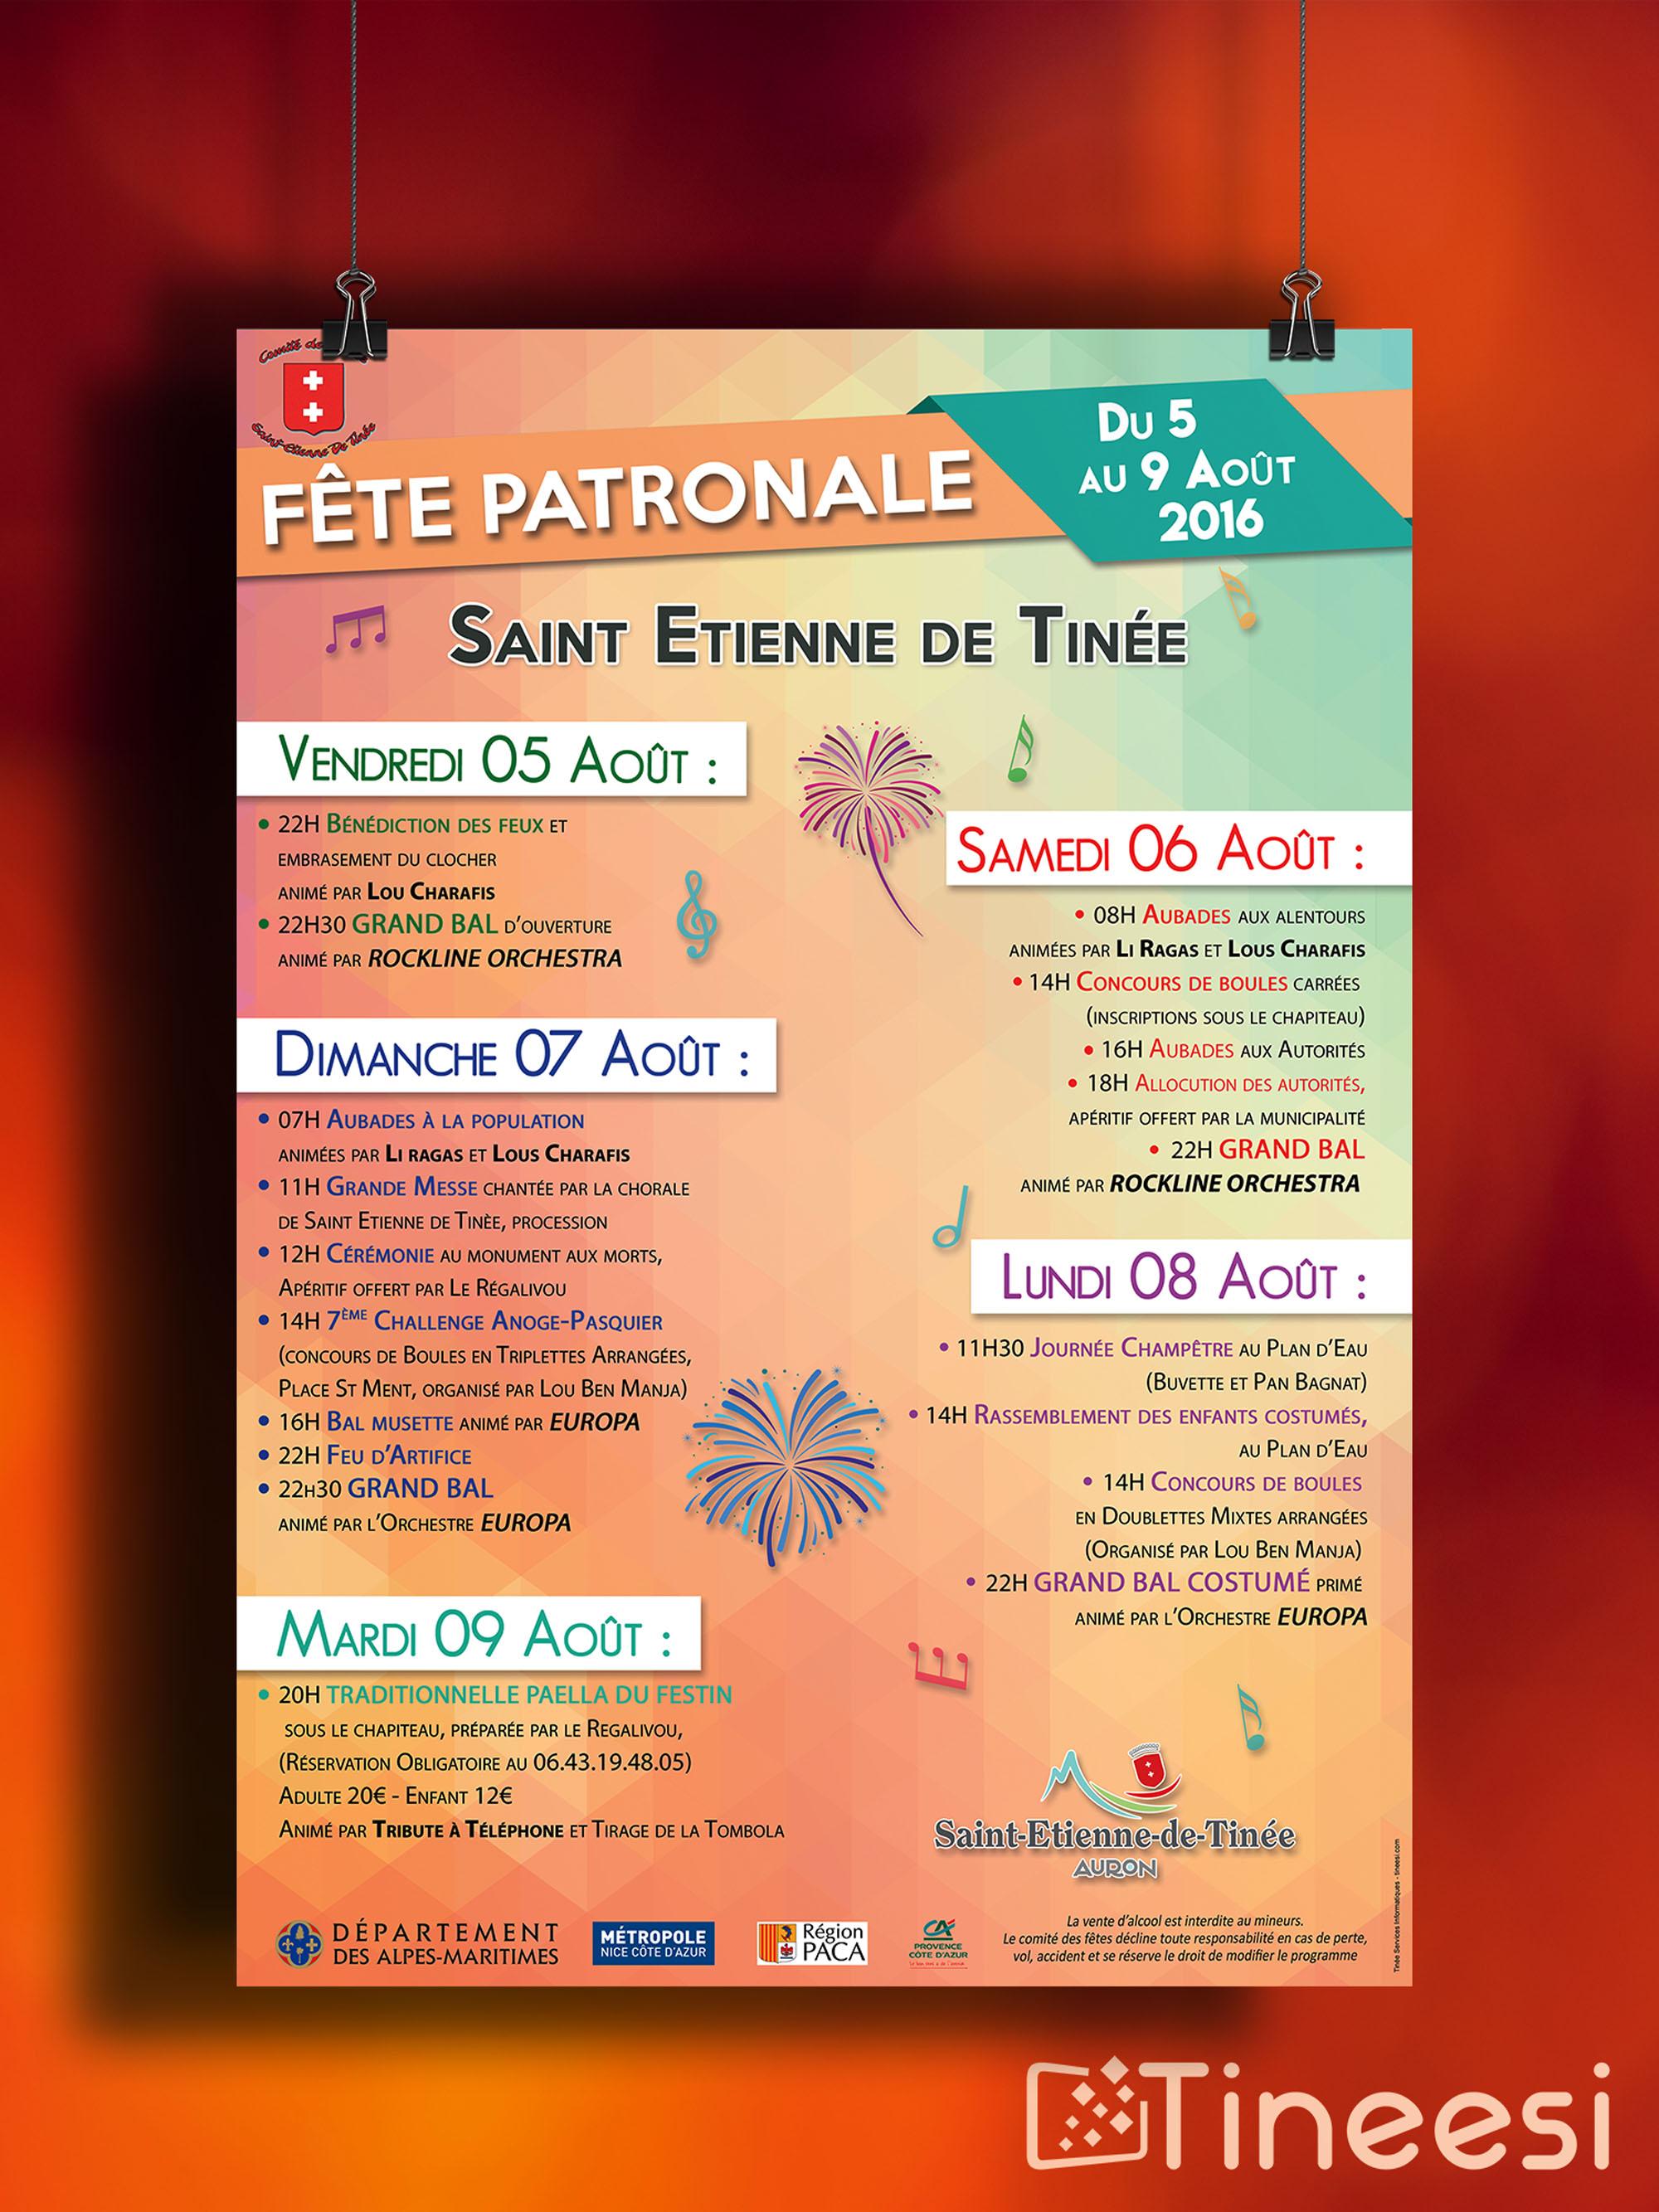 Comité des fêtes Saint Etienne de Tinée - affiche -2016